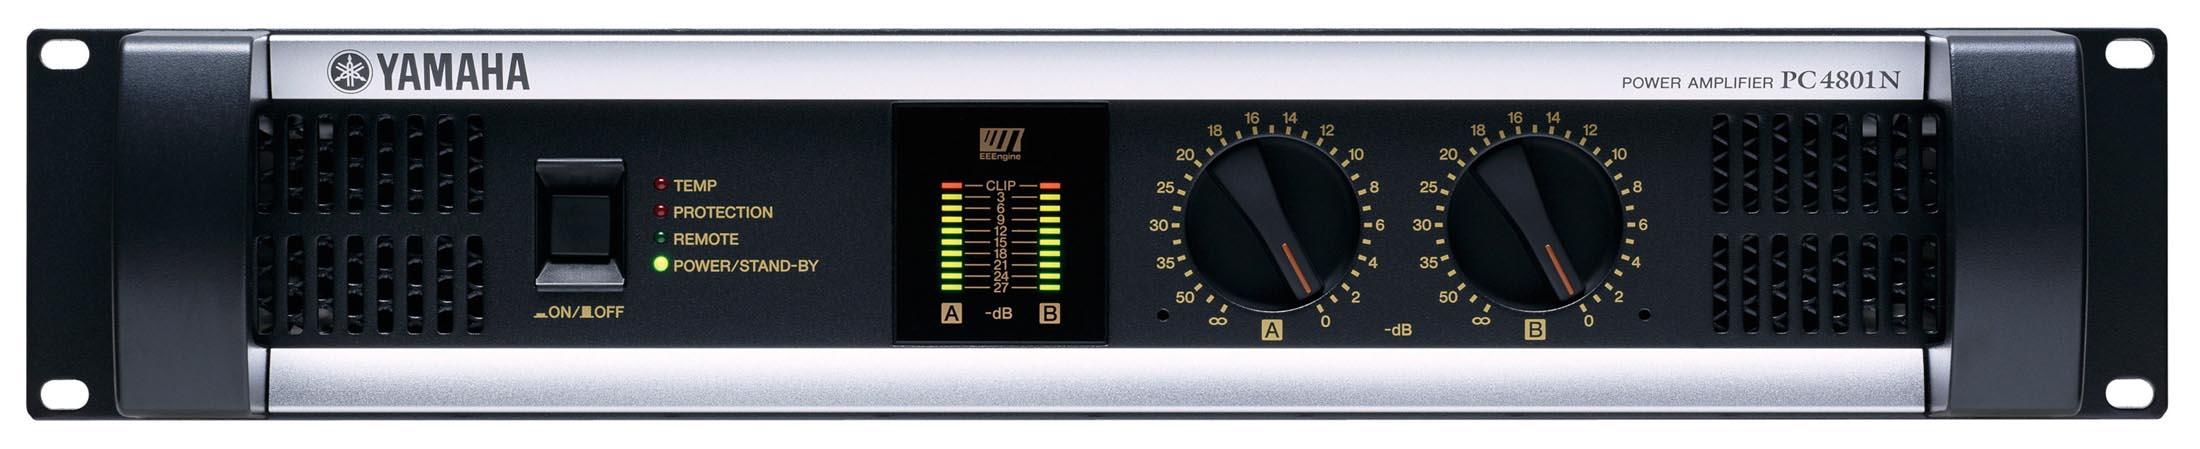 Power Amplifier, 475W + 475W (8 ohm Stereo)/2400W (4 ohm Bridged)